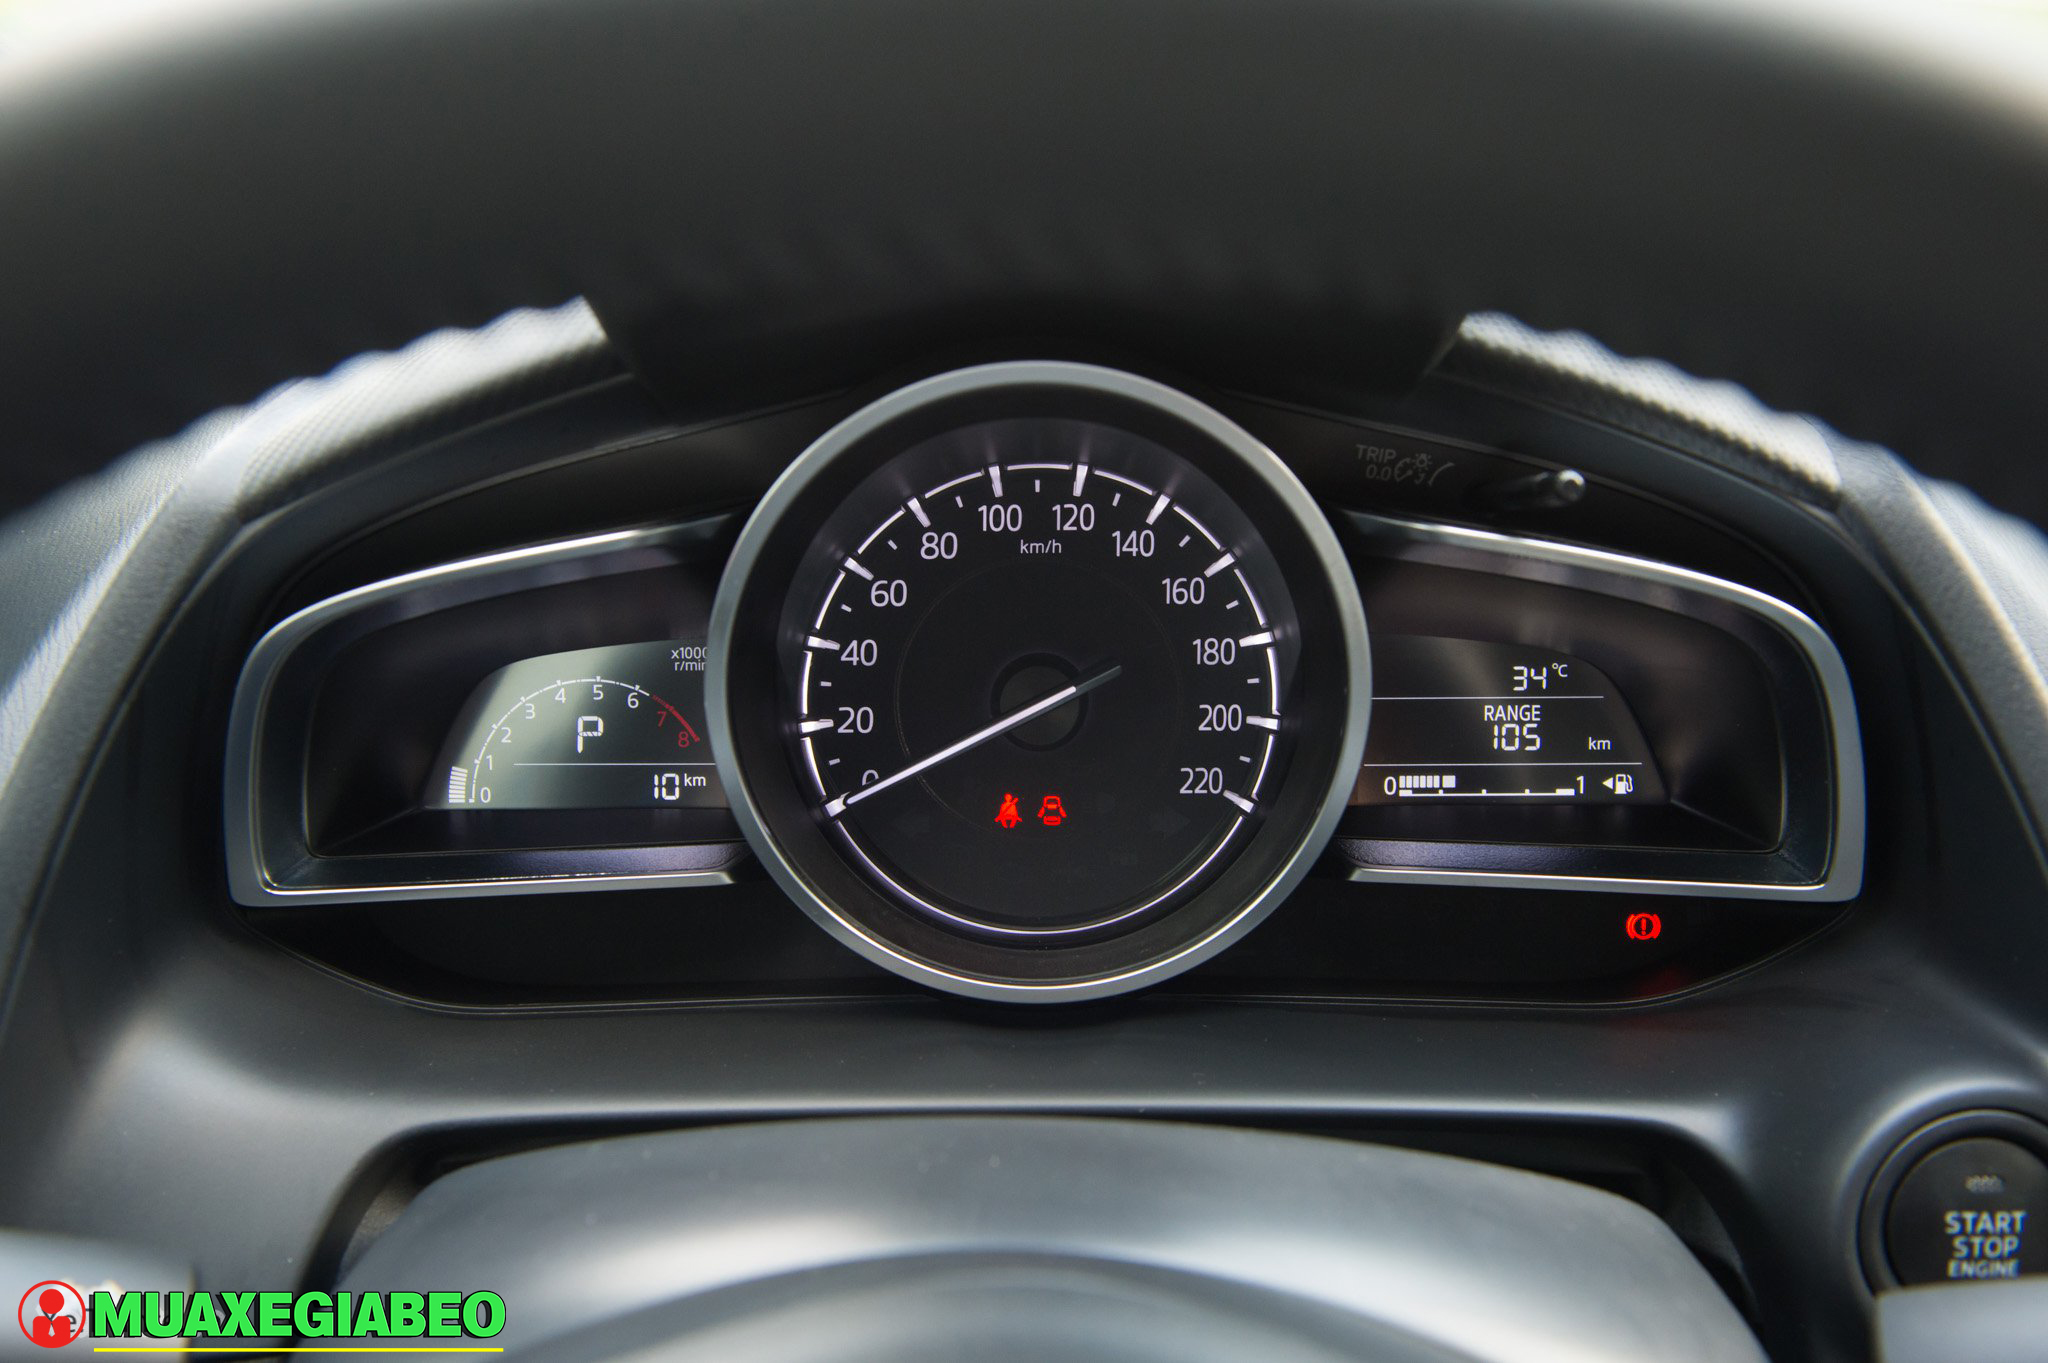 Xe Mazda 2 anh 5 - Mazda 2 [hienthinam]: thông số, giá xe & khuyến mãi tháng [hienthithang]